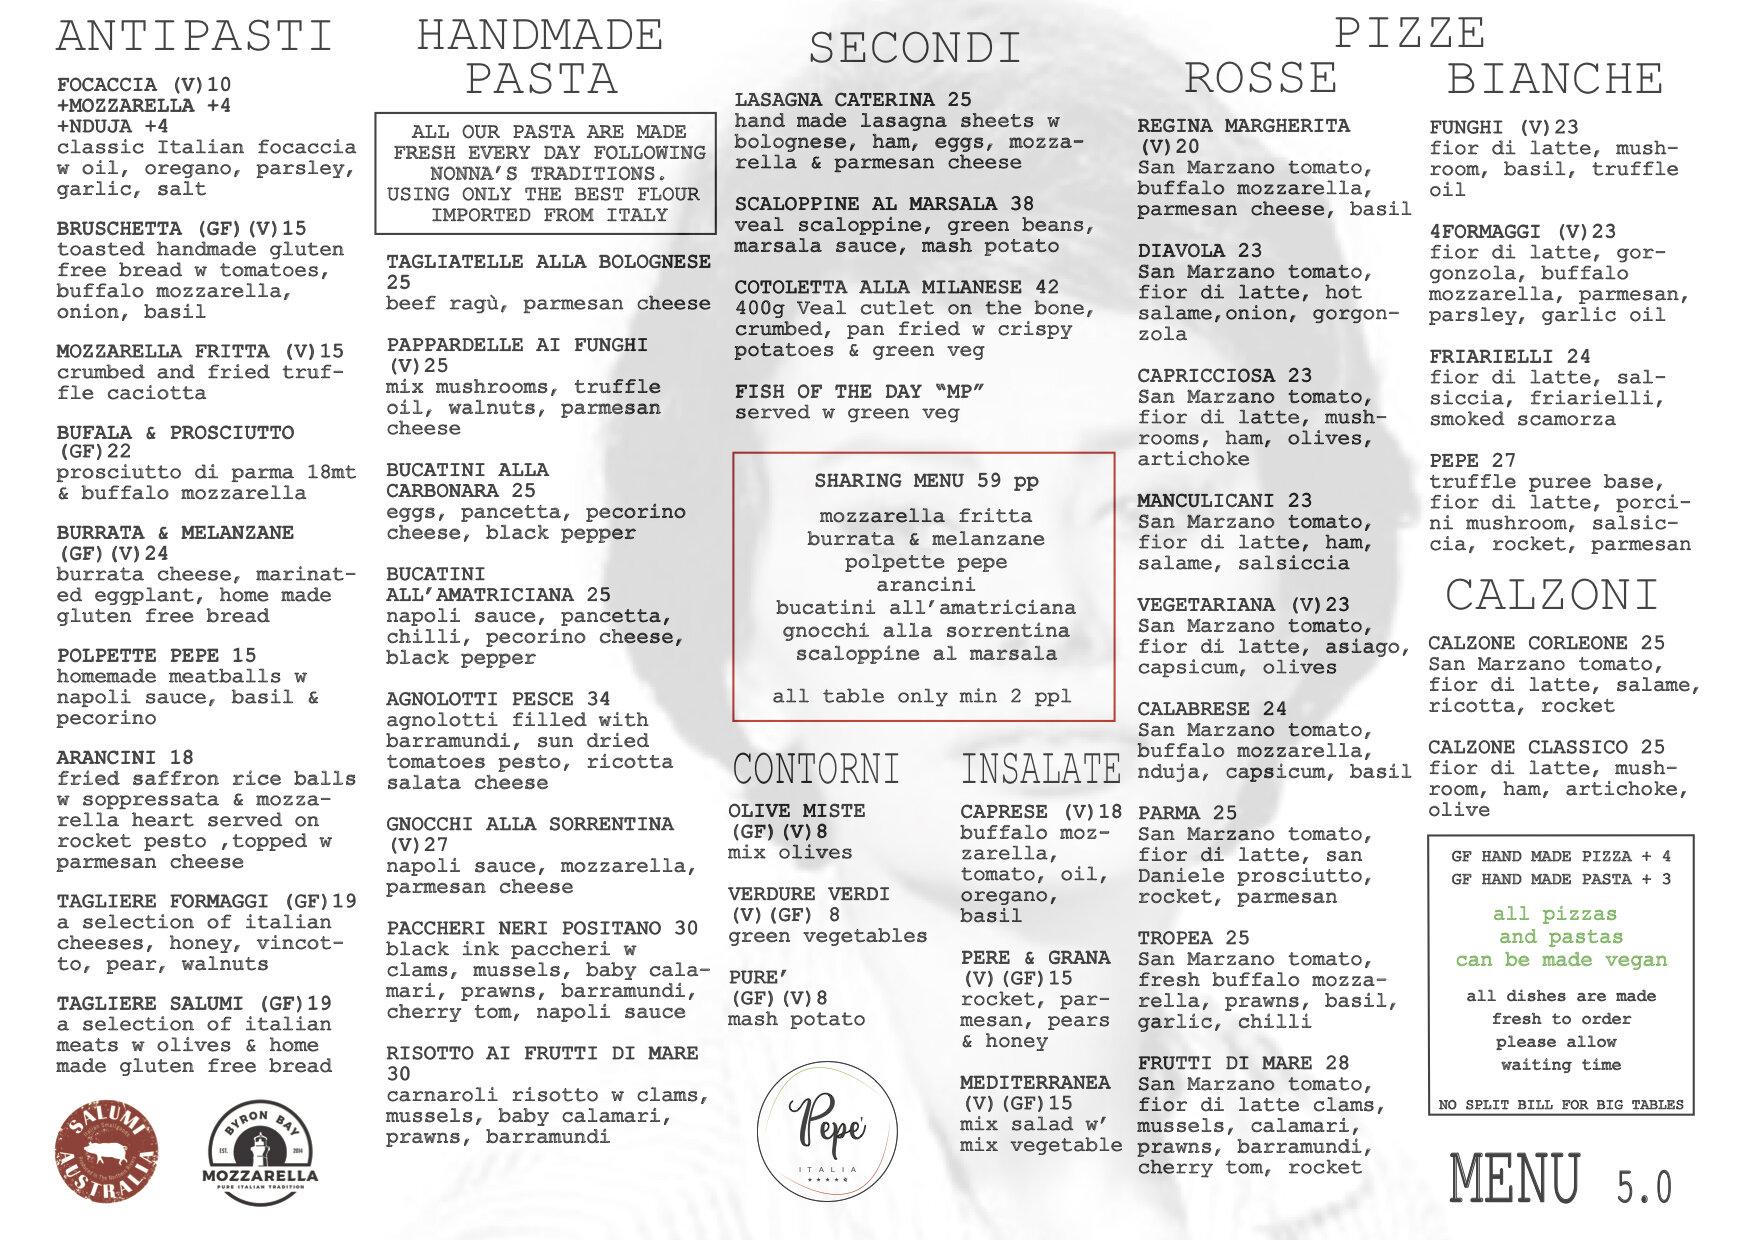 menu front pepe.jpg